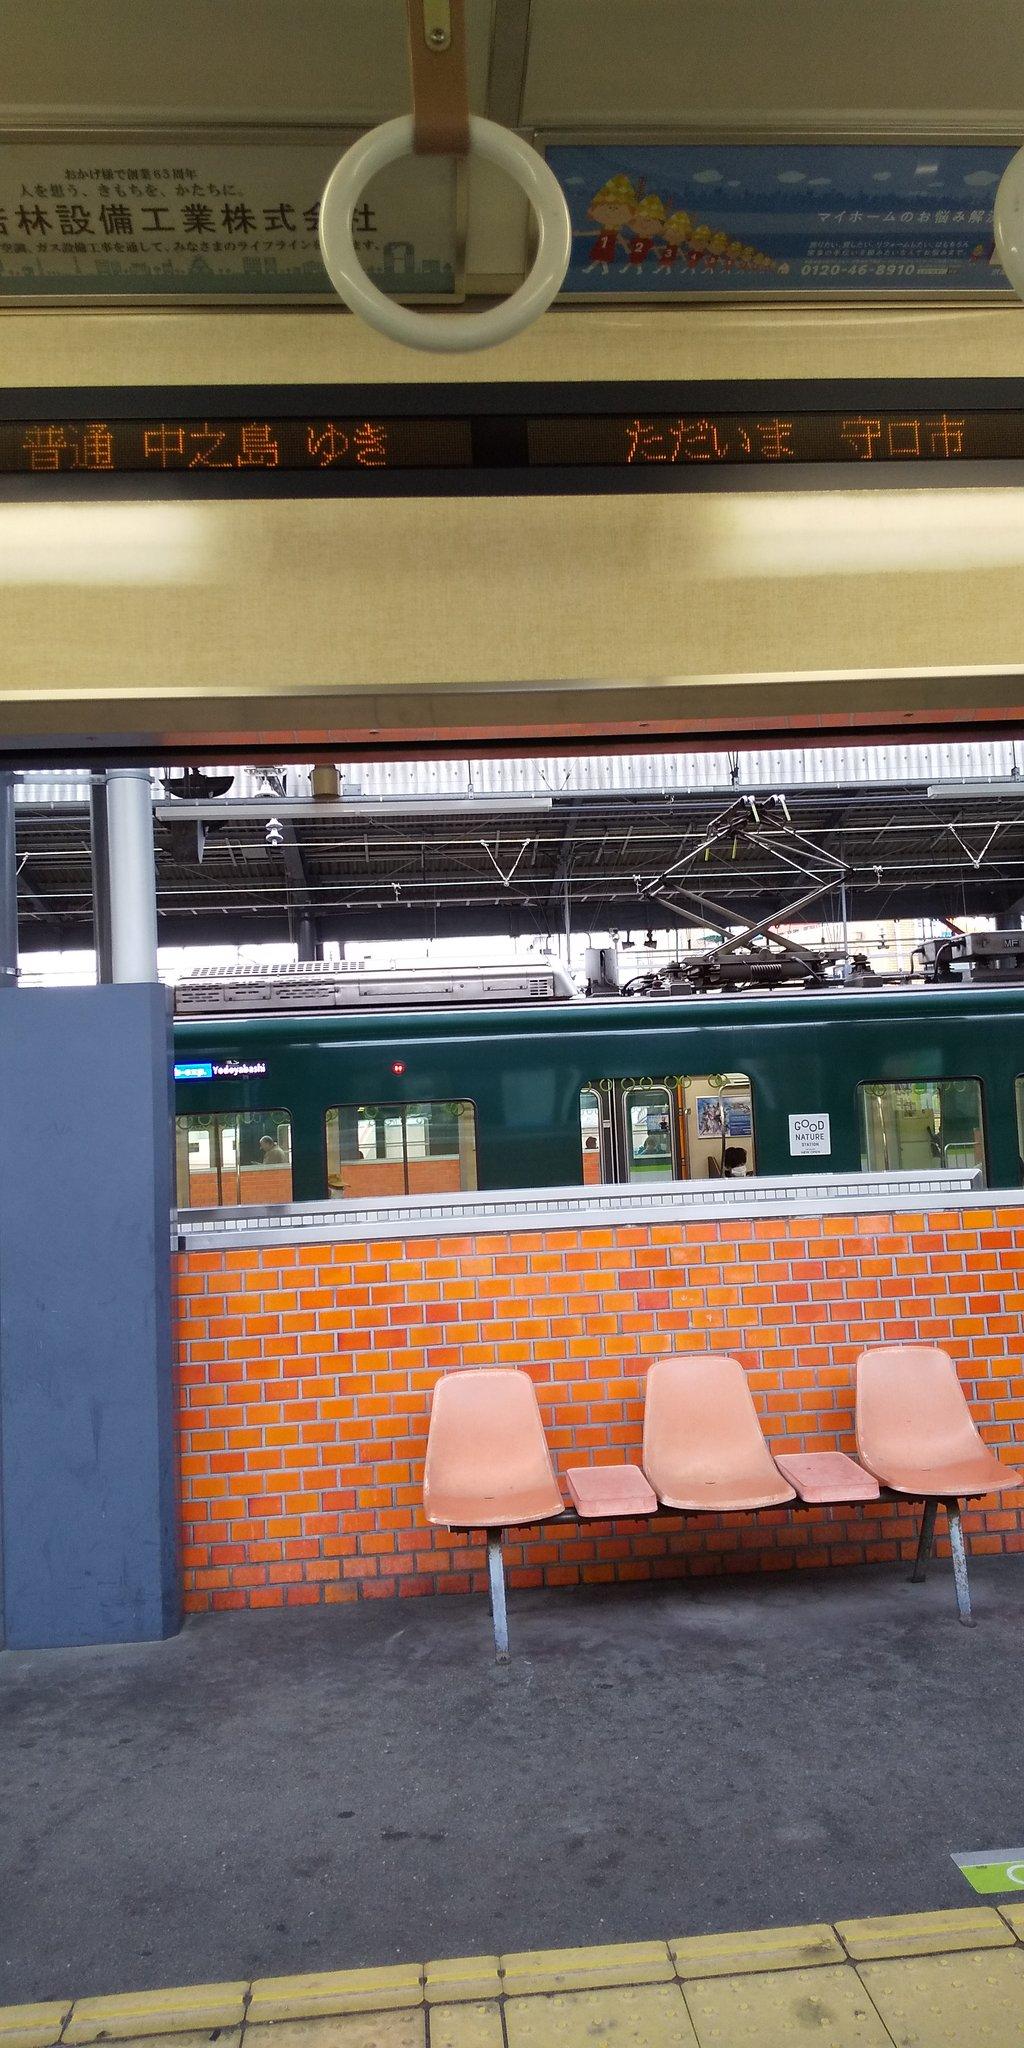 画像,天満橋で人身事故発生で暇チ───(´-ω-`)───ン振り替え輸送っていっても別の駅まで、歩いて大阪駅に着くし待つしかない(´Д`)ハァ…いまで30分待ってあと…